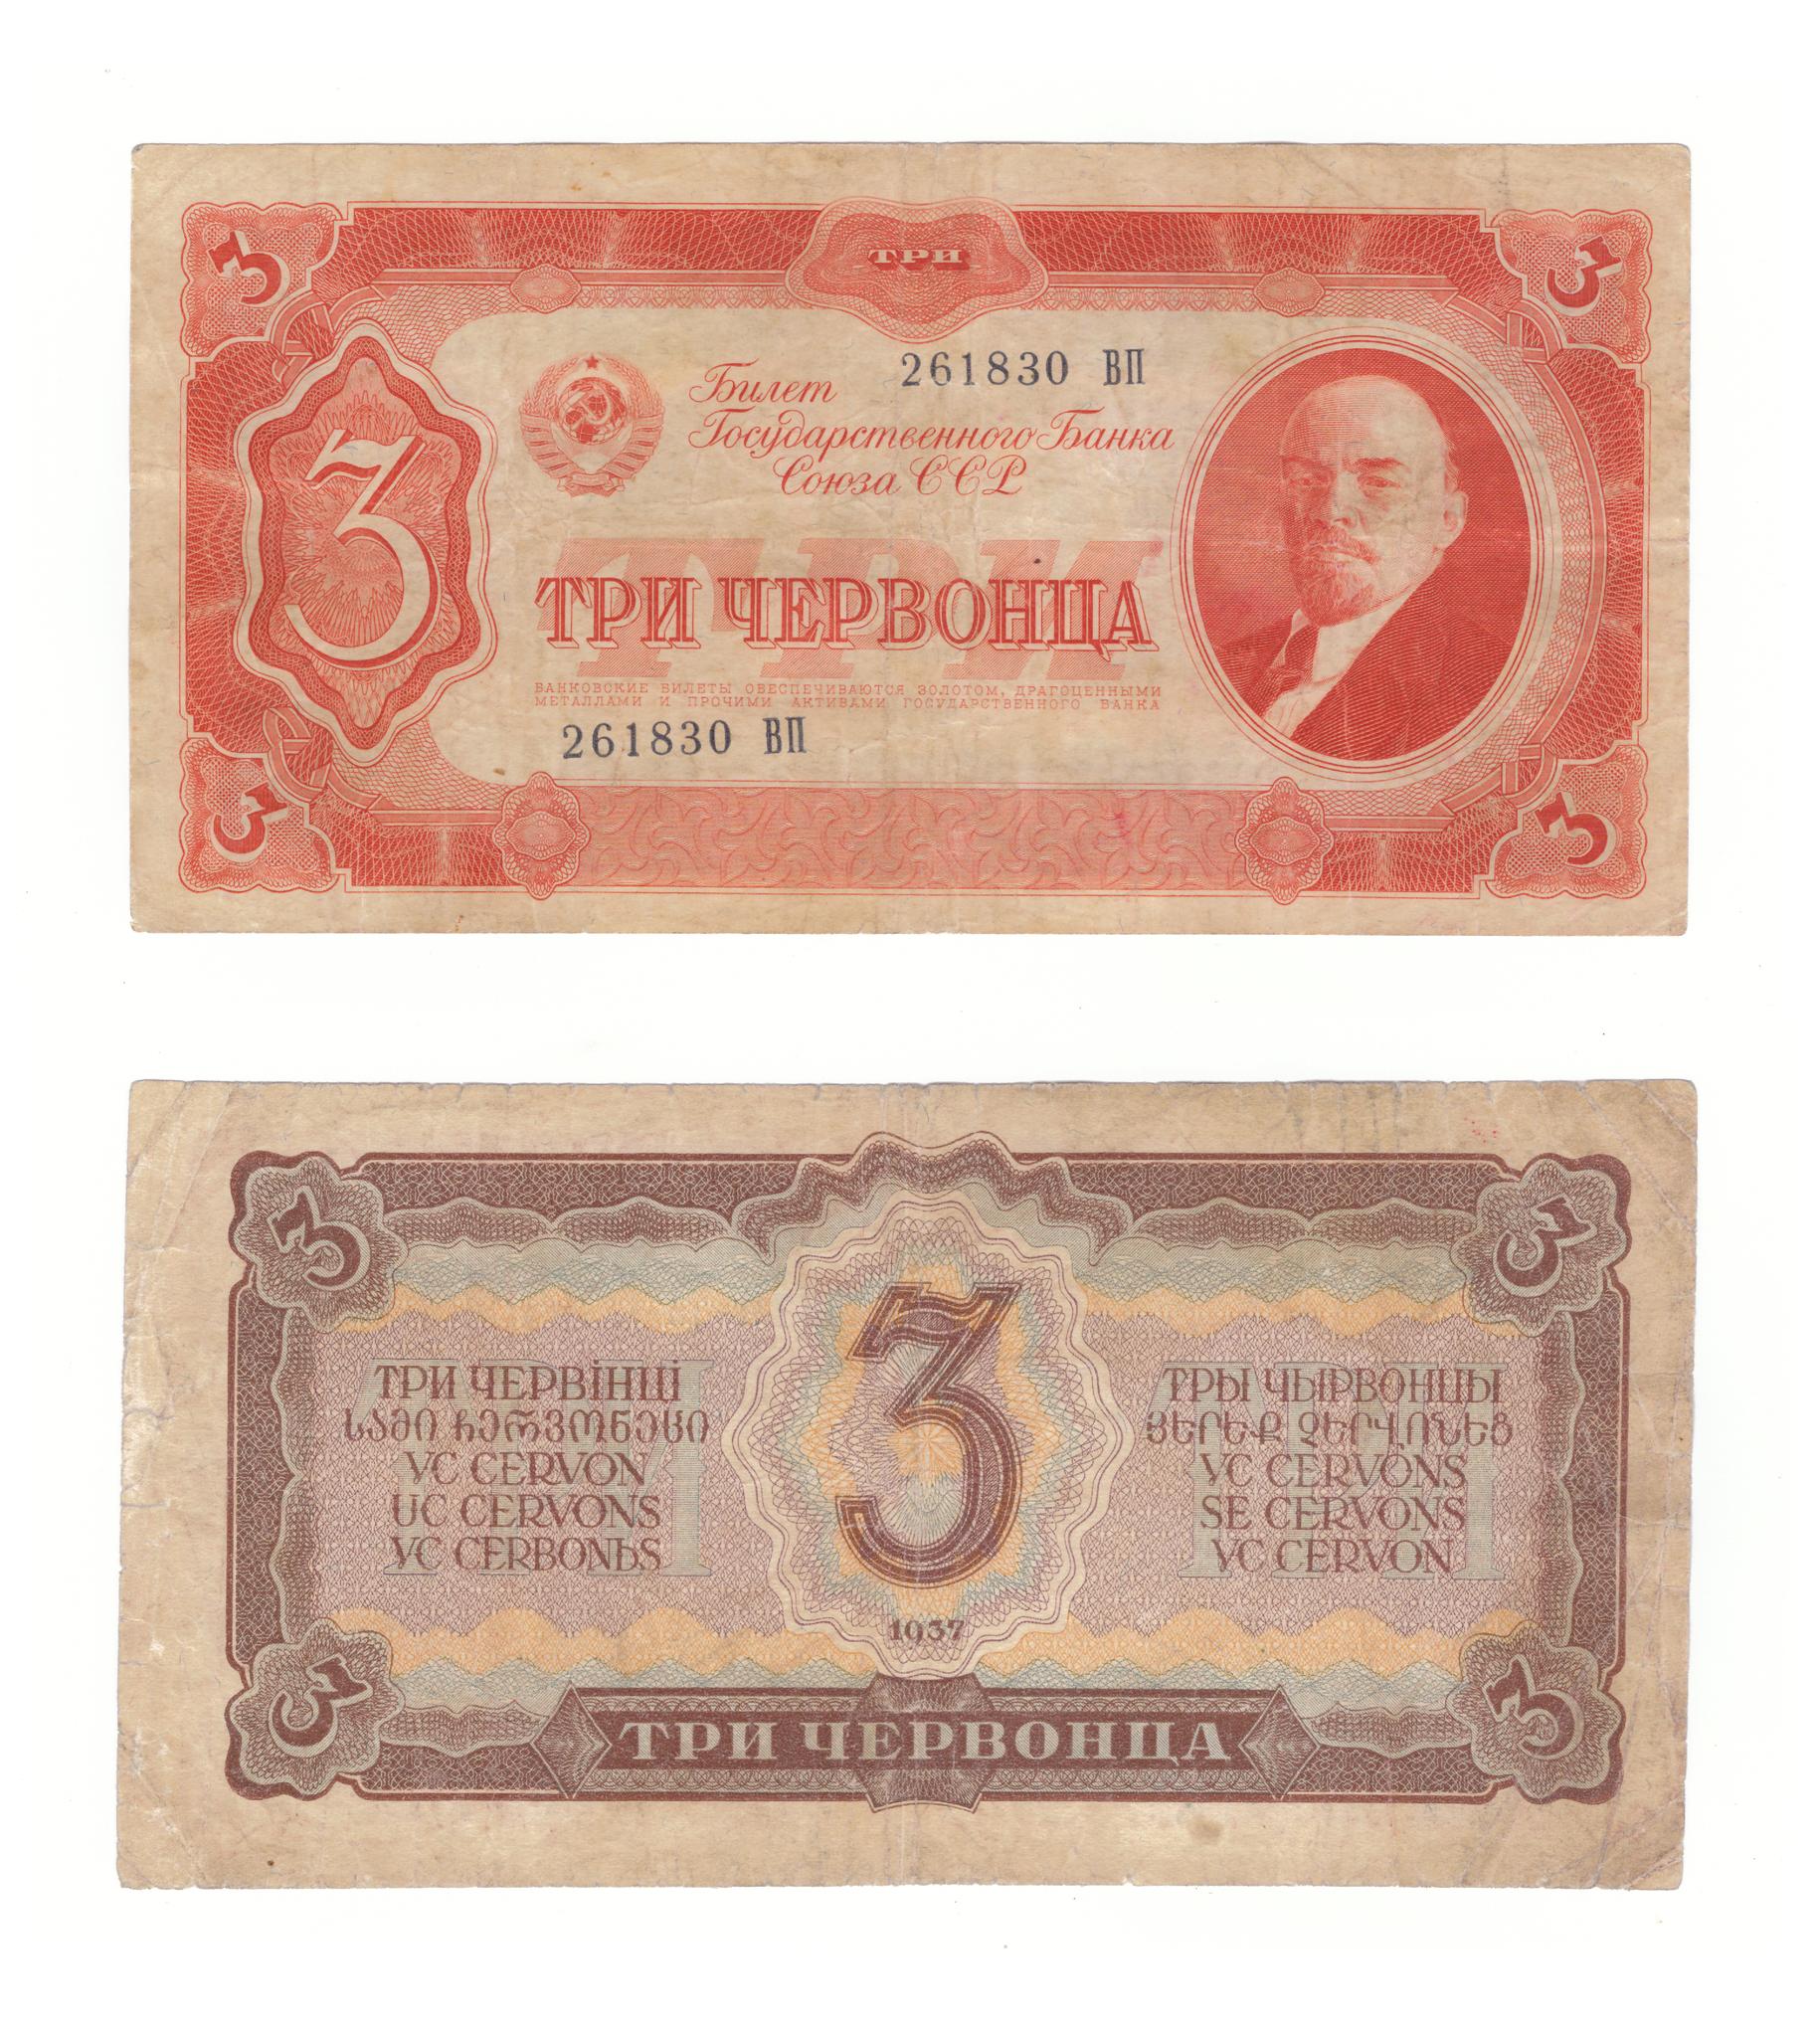 3 три червонца 1937 г. Билет Банка СССР. Серия: -ВП- F-VF